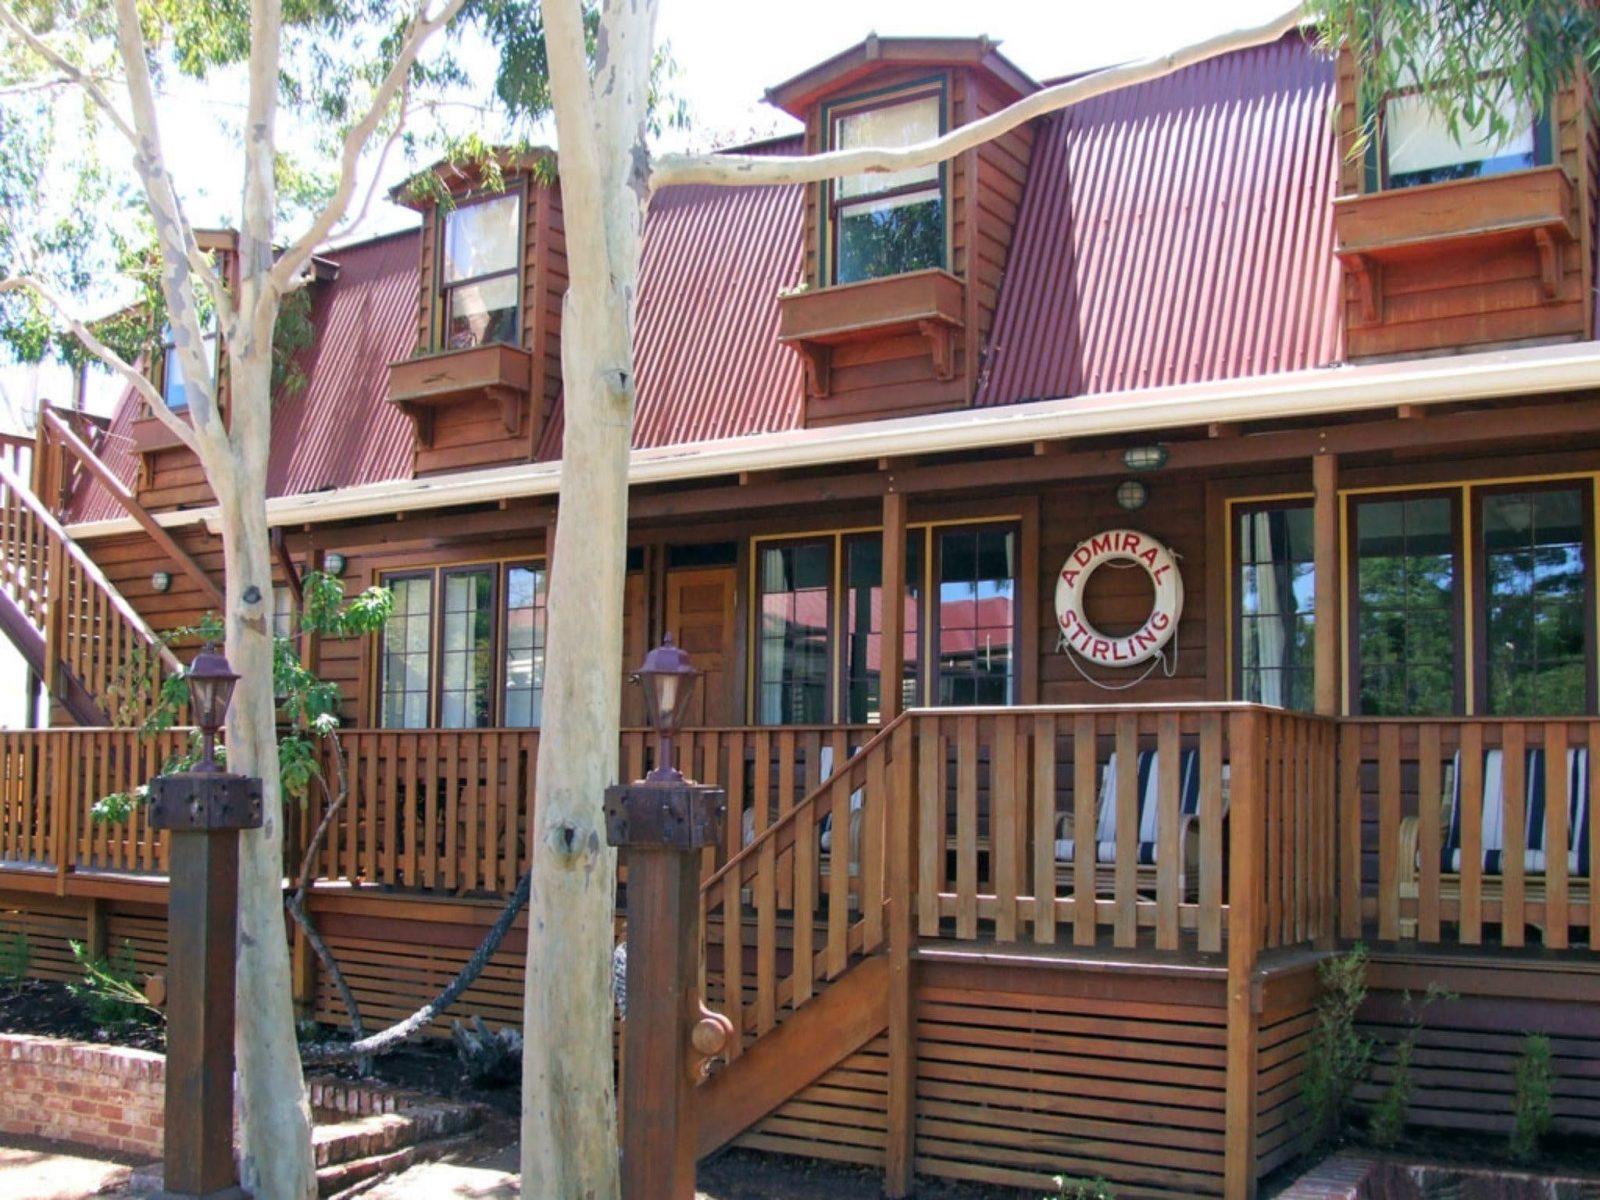 Admiral Stirling Inn, Margaret River, Western Australia